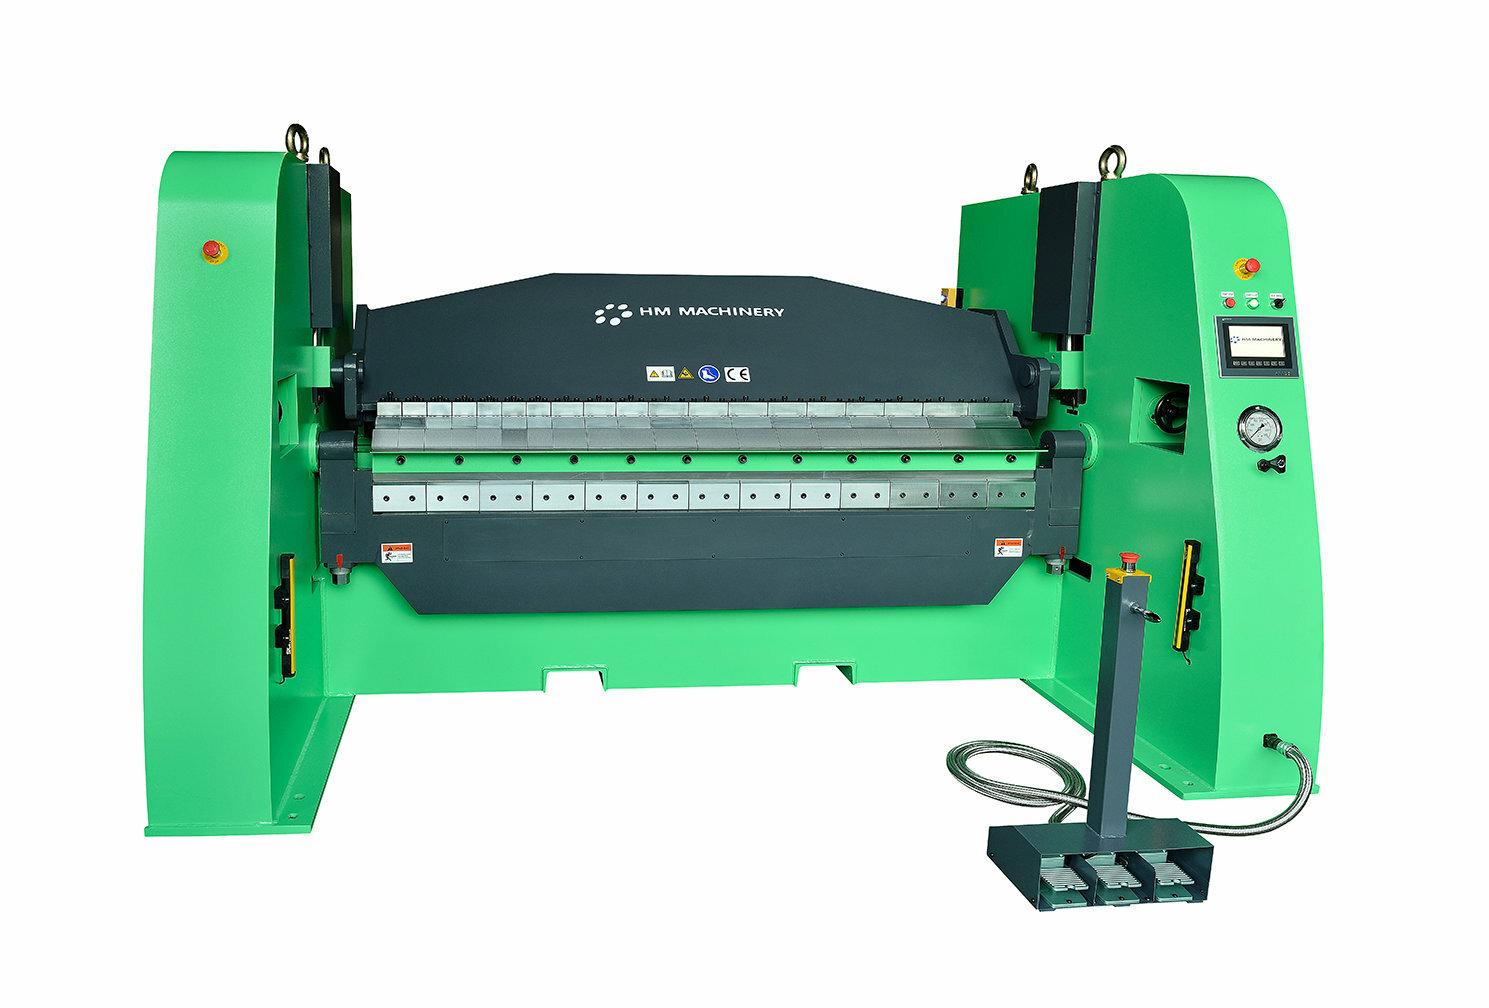 Hydrauliczna zaginarka do blachy Scantool - HM Machinery 1500-35S - długość robocza 1550 x 3,50mm